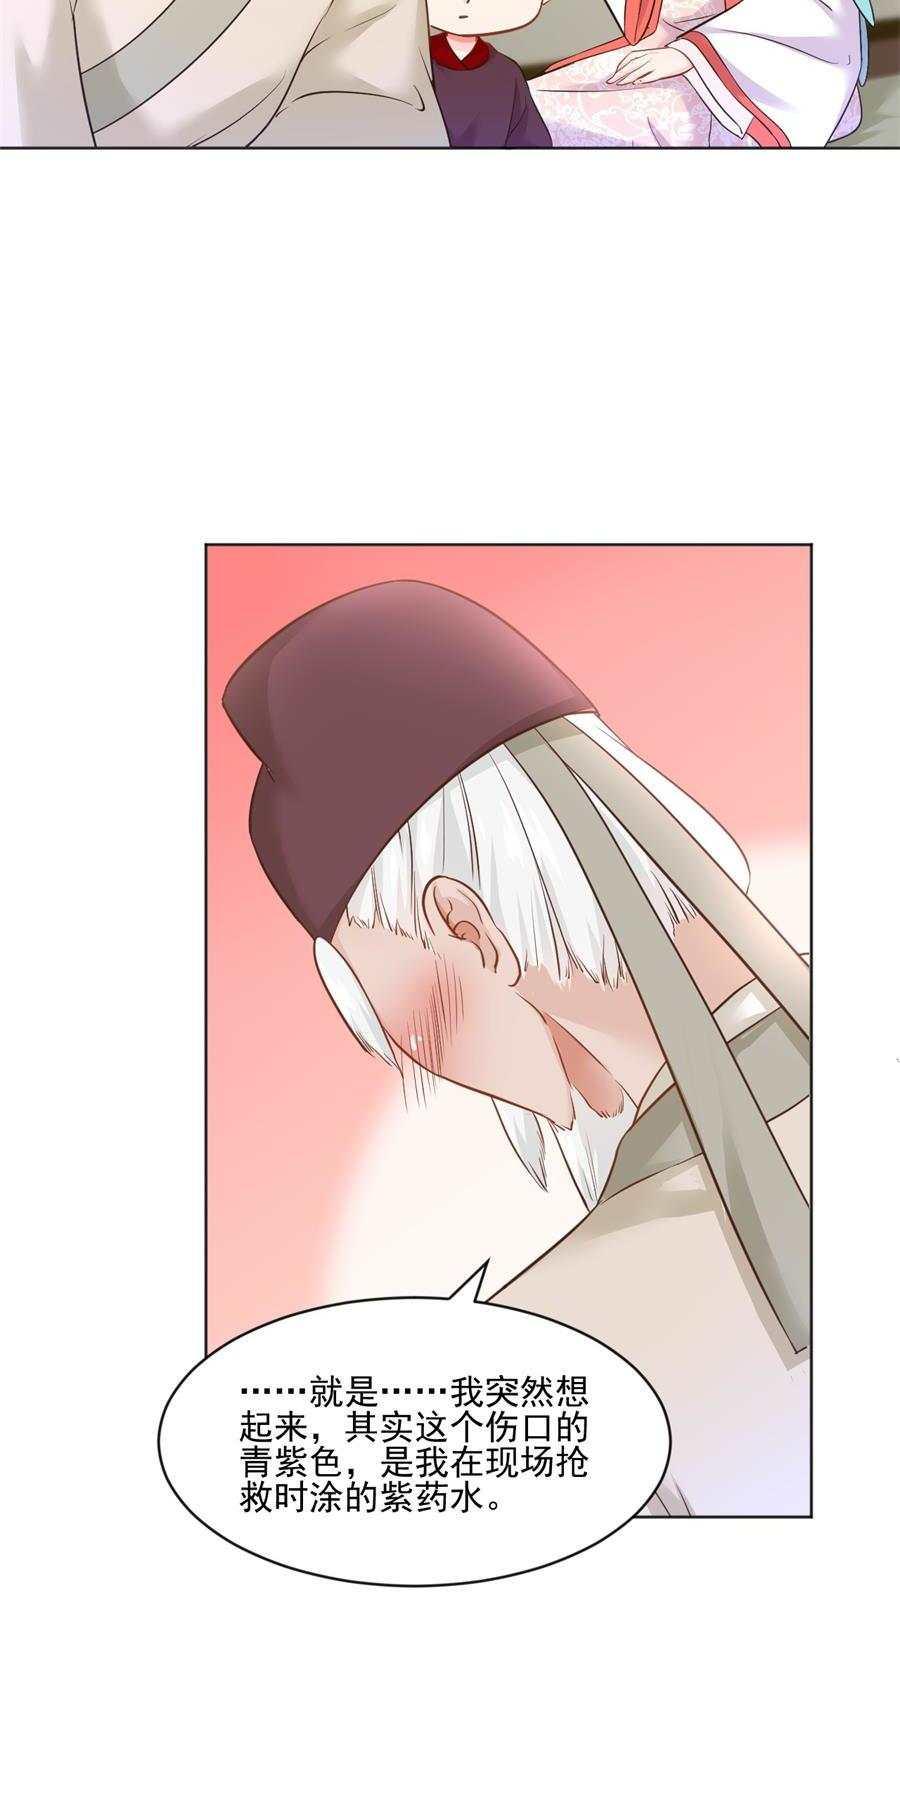 盛世帝王妃第93话  尊老爱幼 第 8